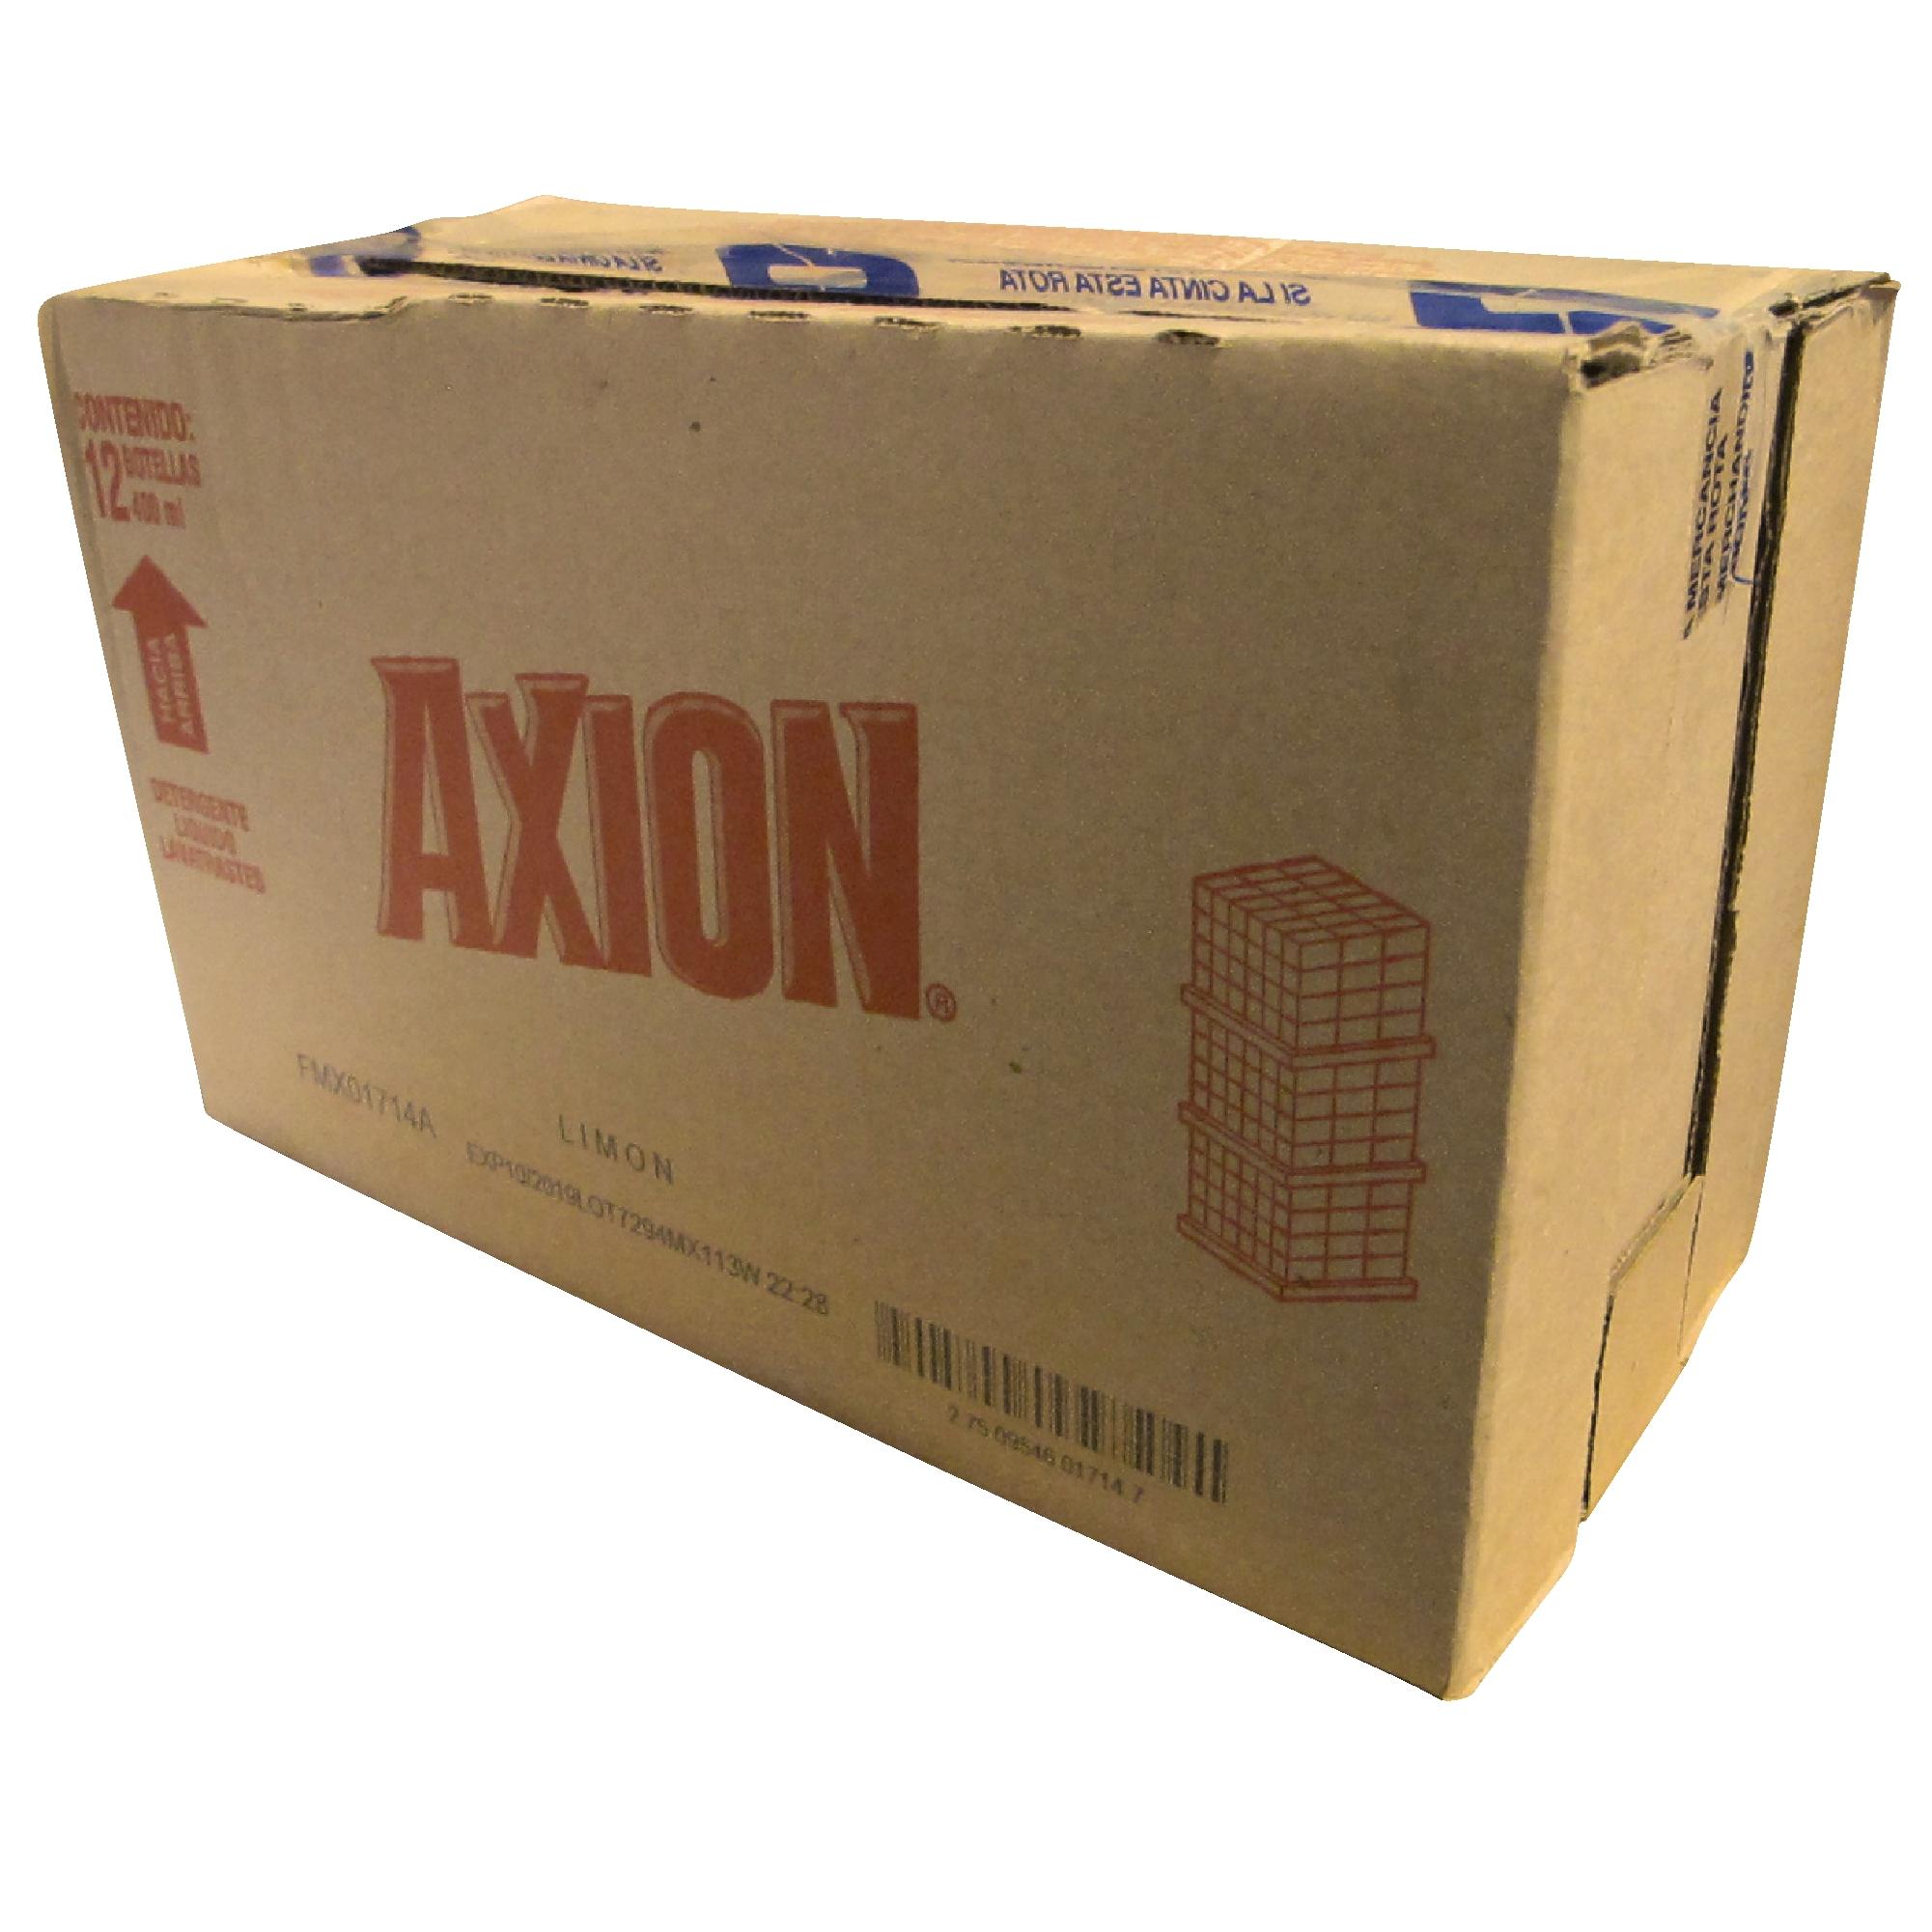 Caja con 12 botes con líquido lavatrastes AXION de 400ml 2